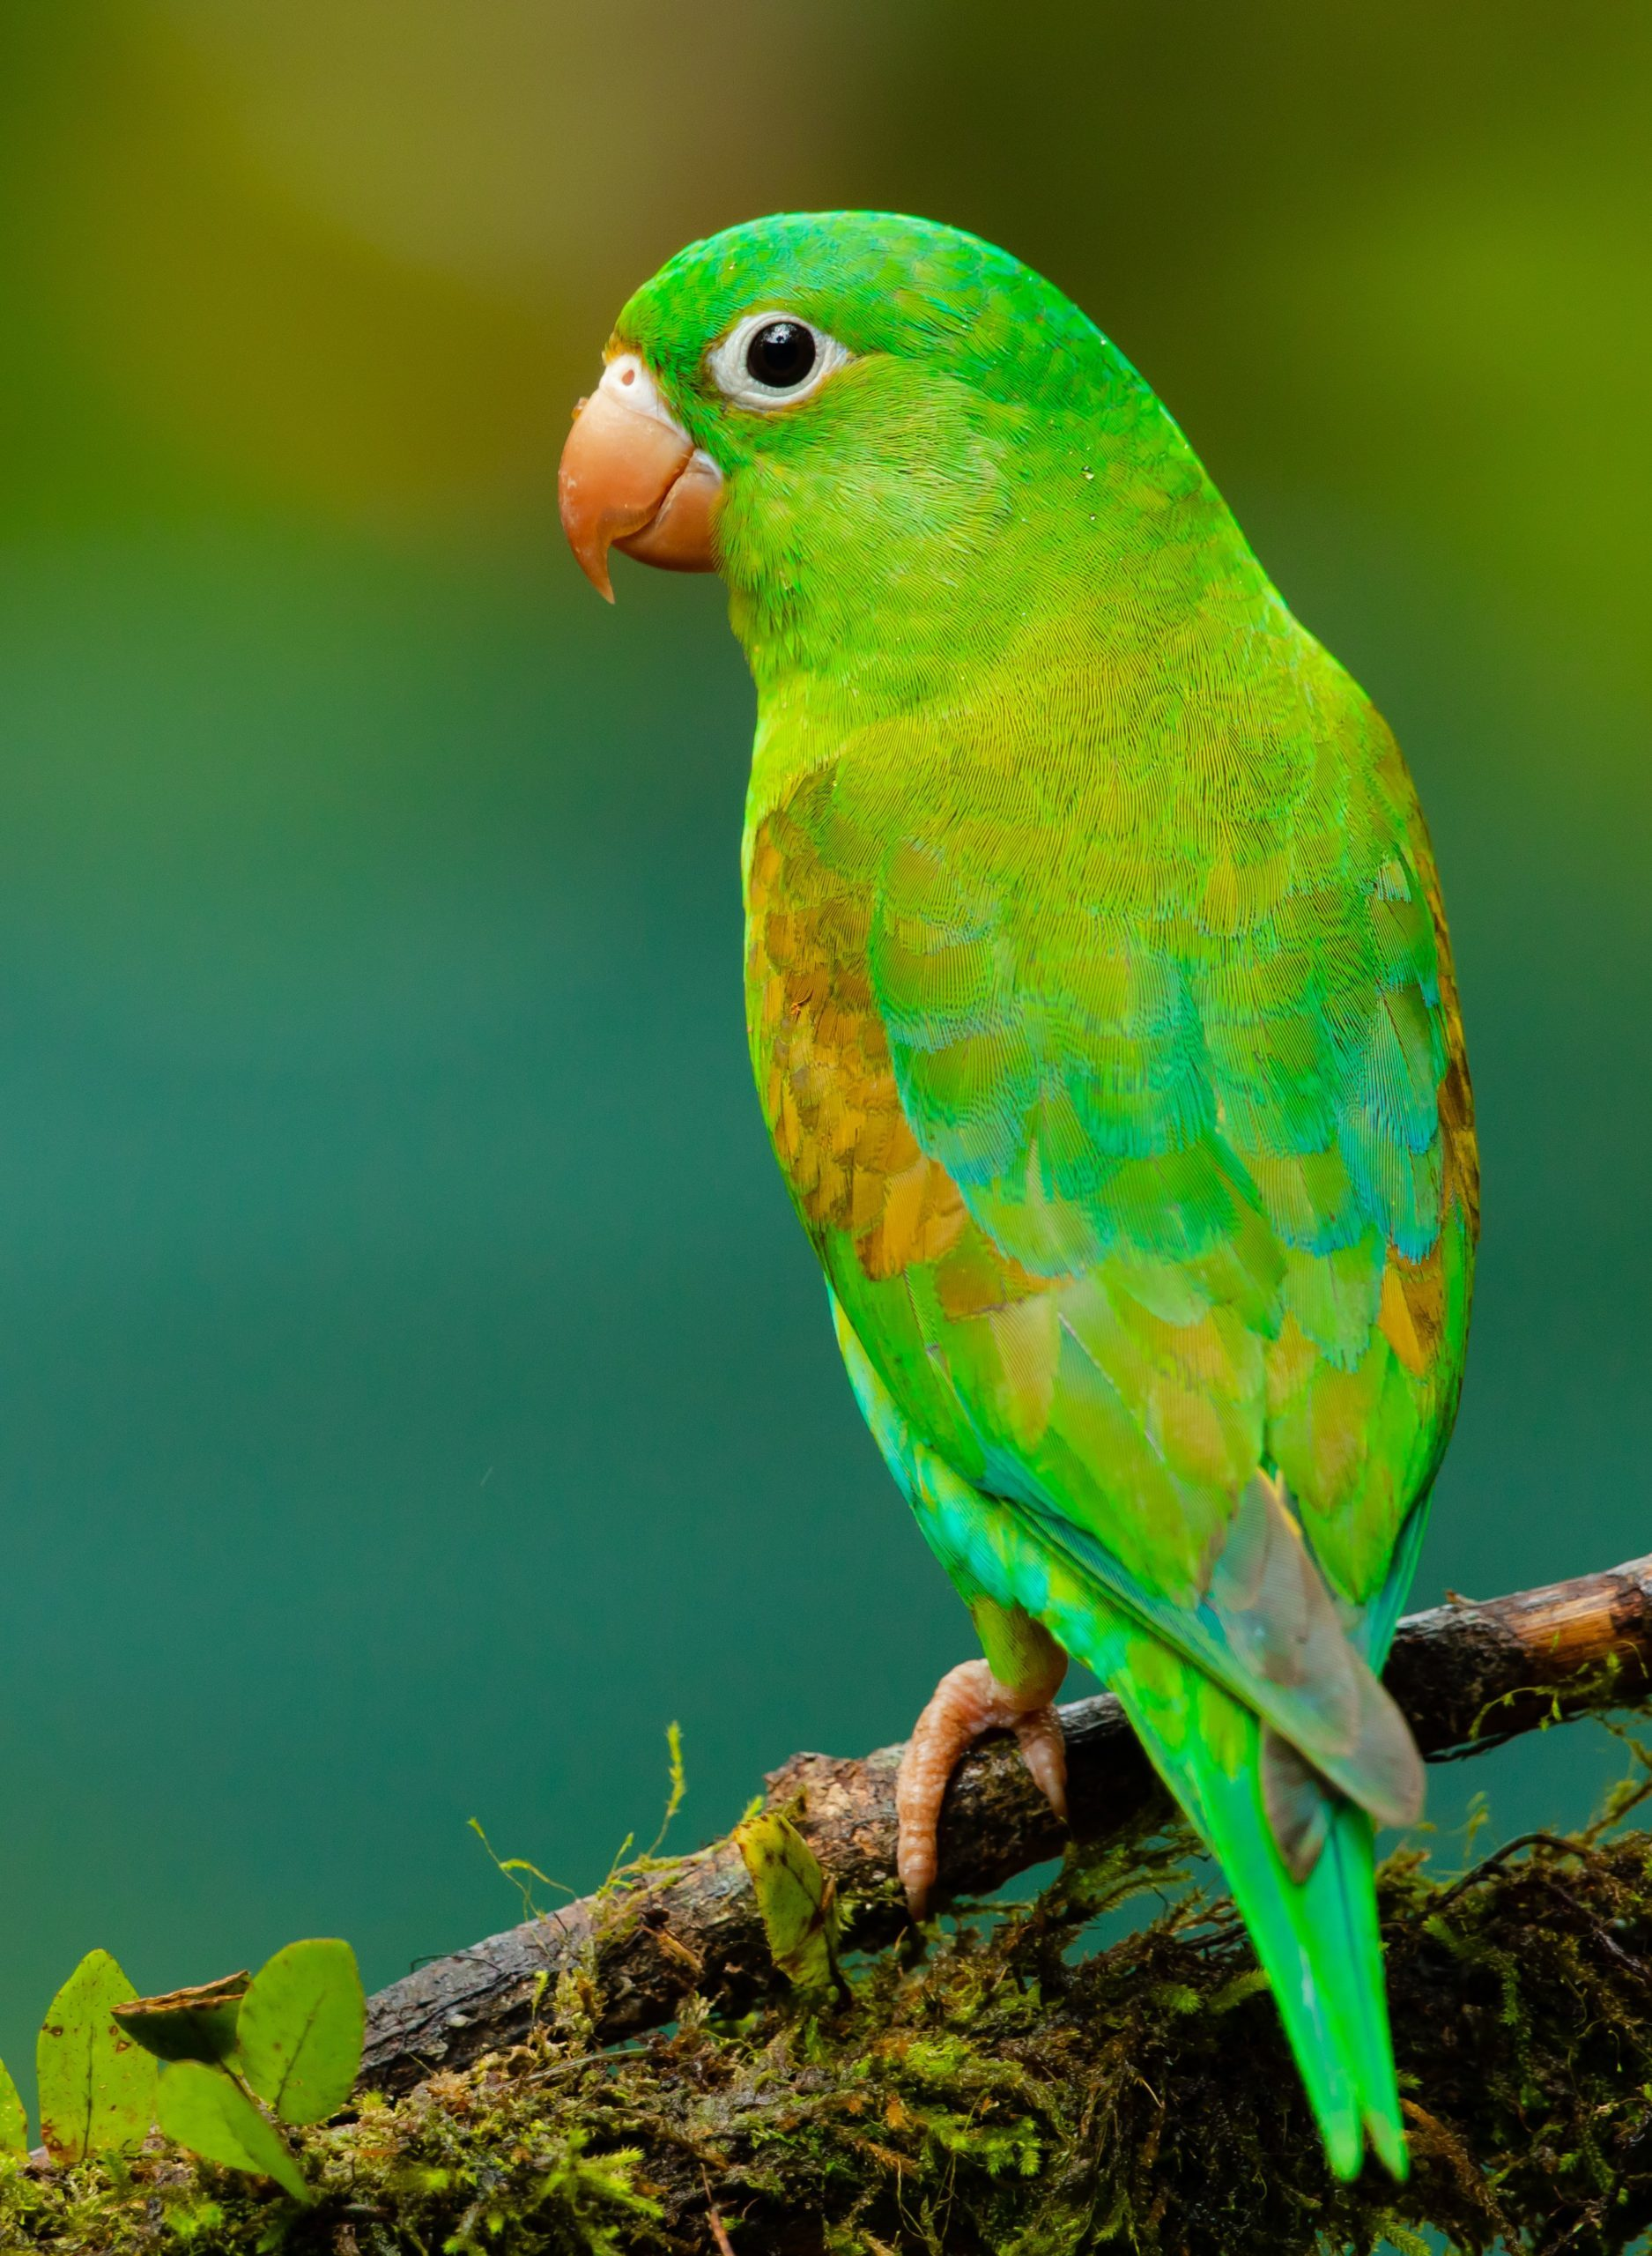 Proud little parrot